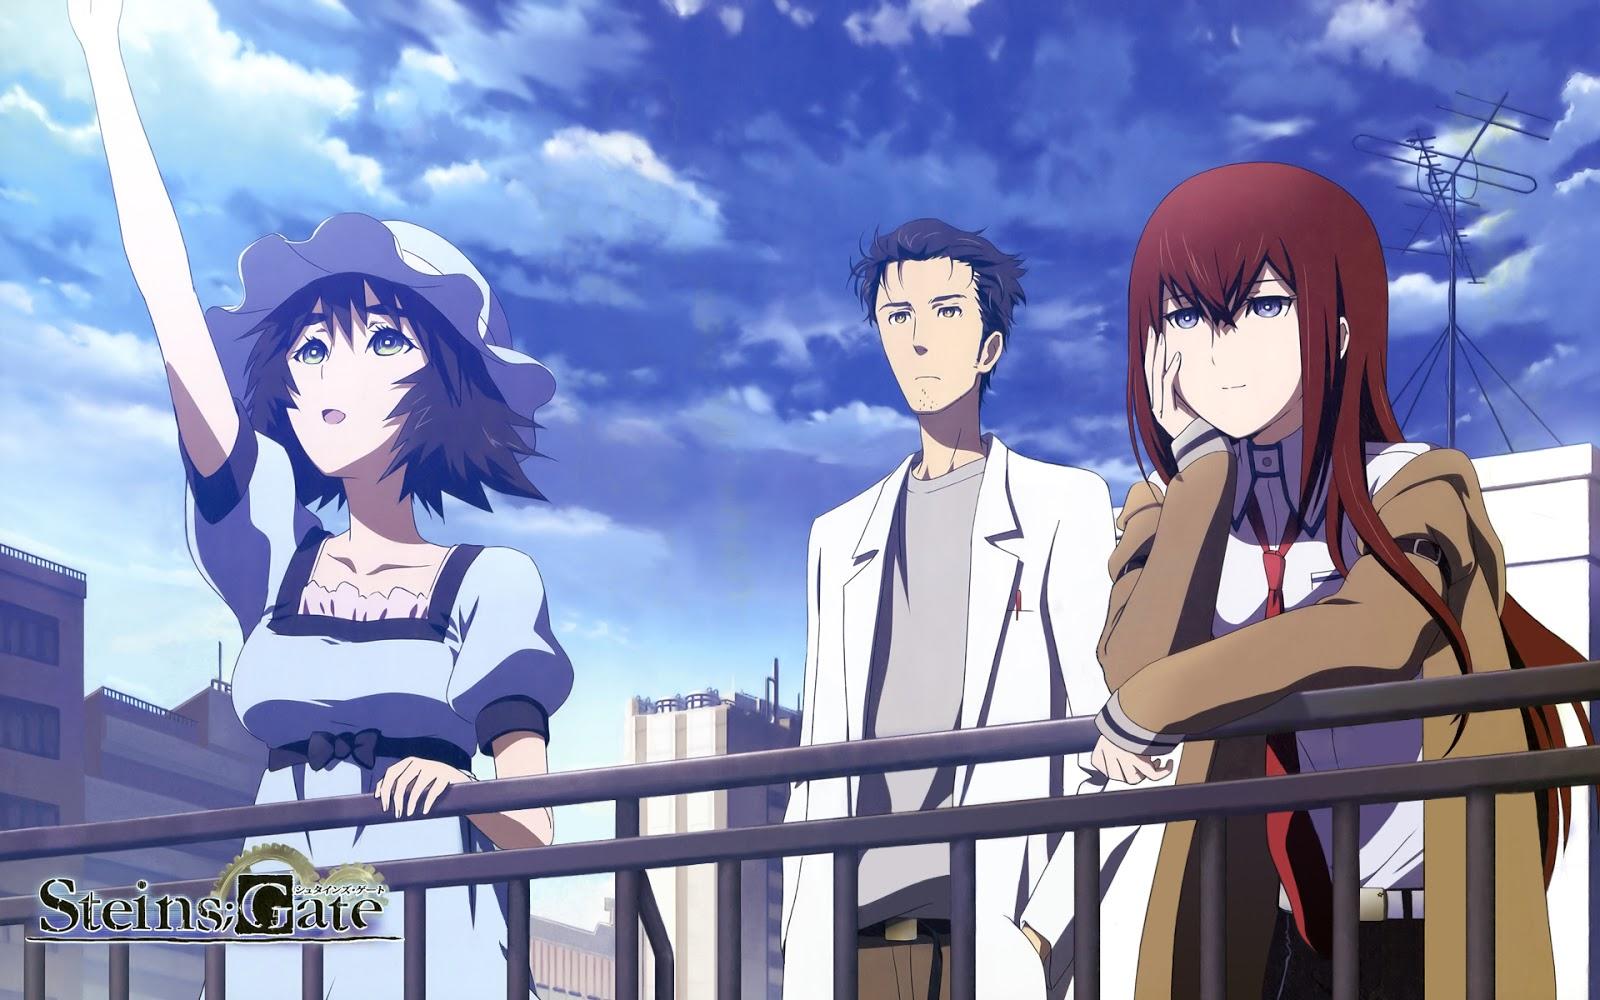 Kết quả hình ảnh cho Steins;Gate anime